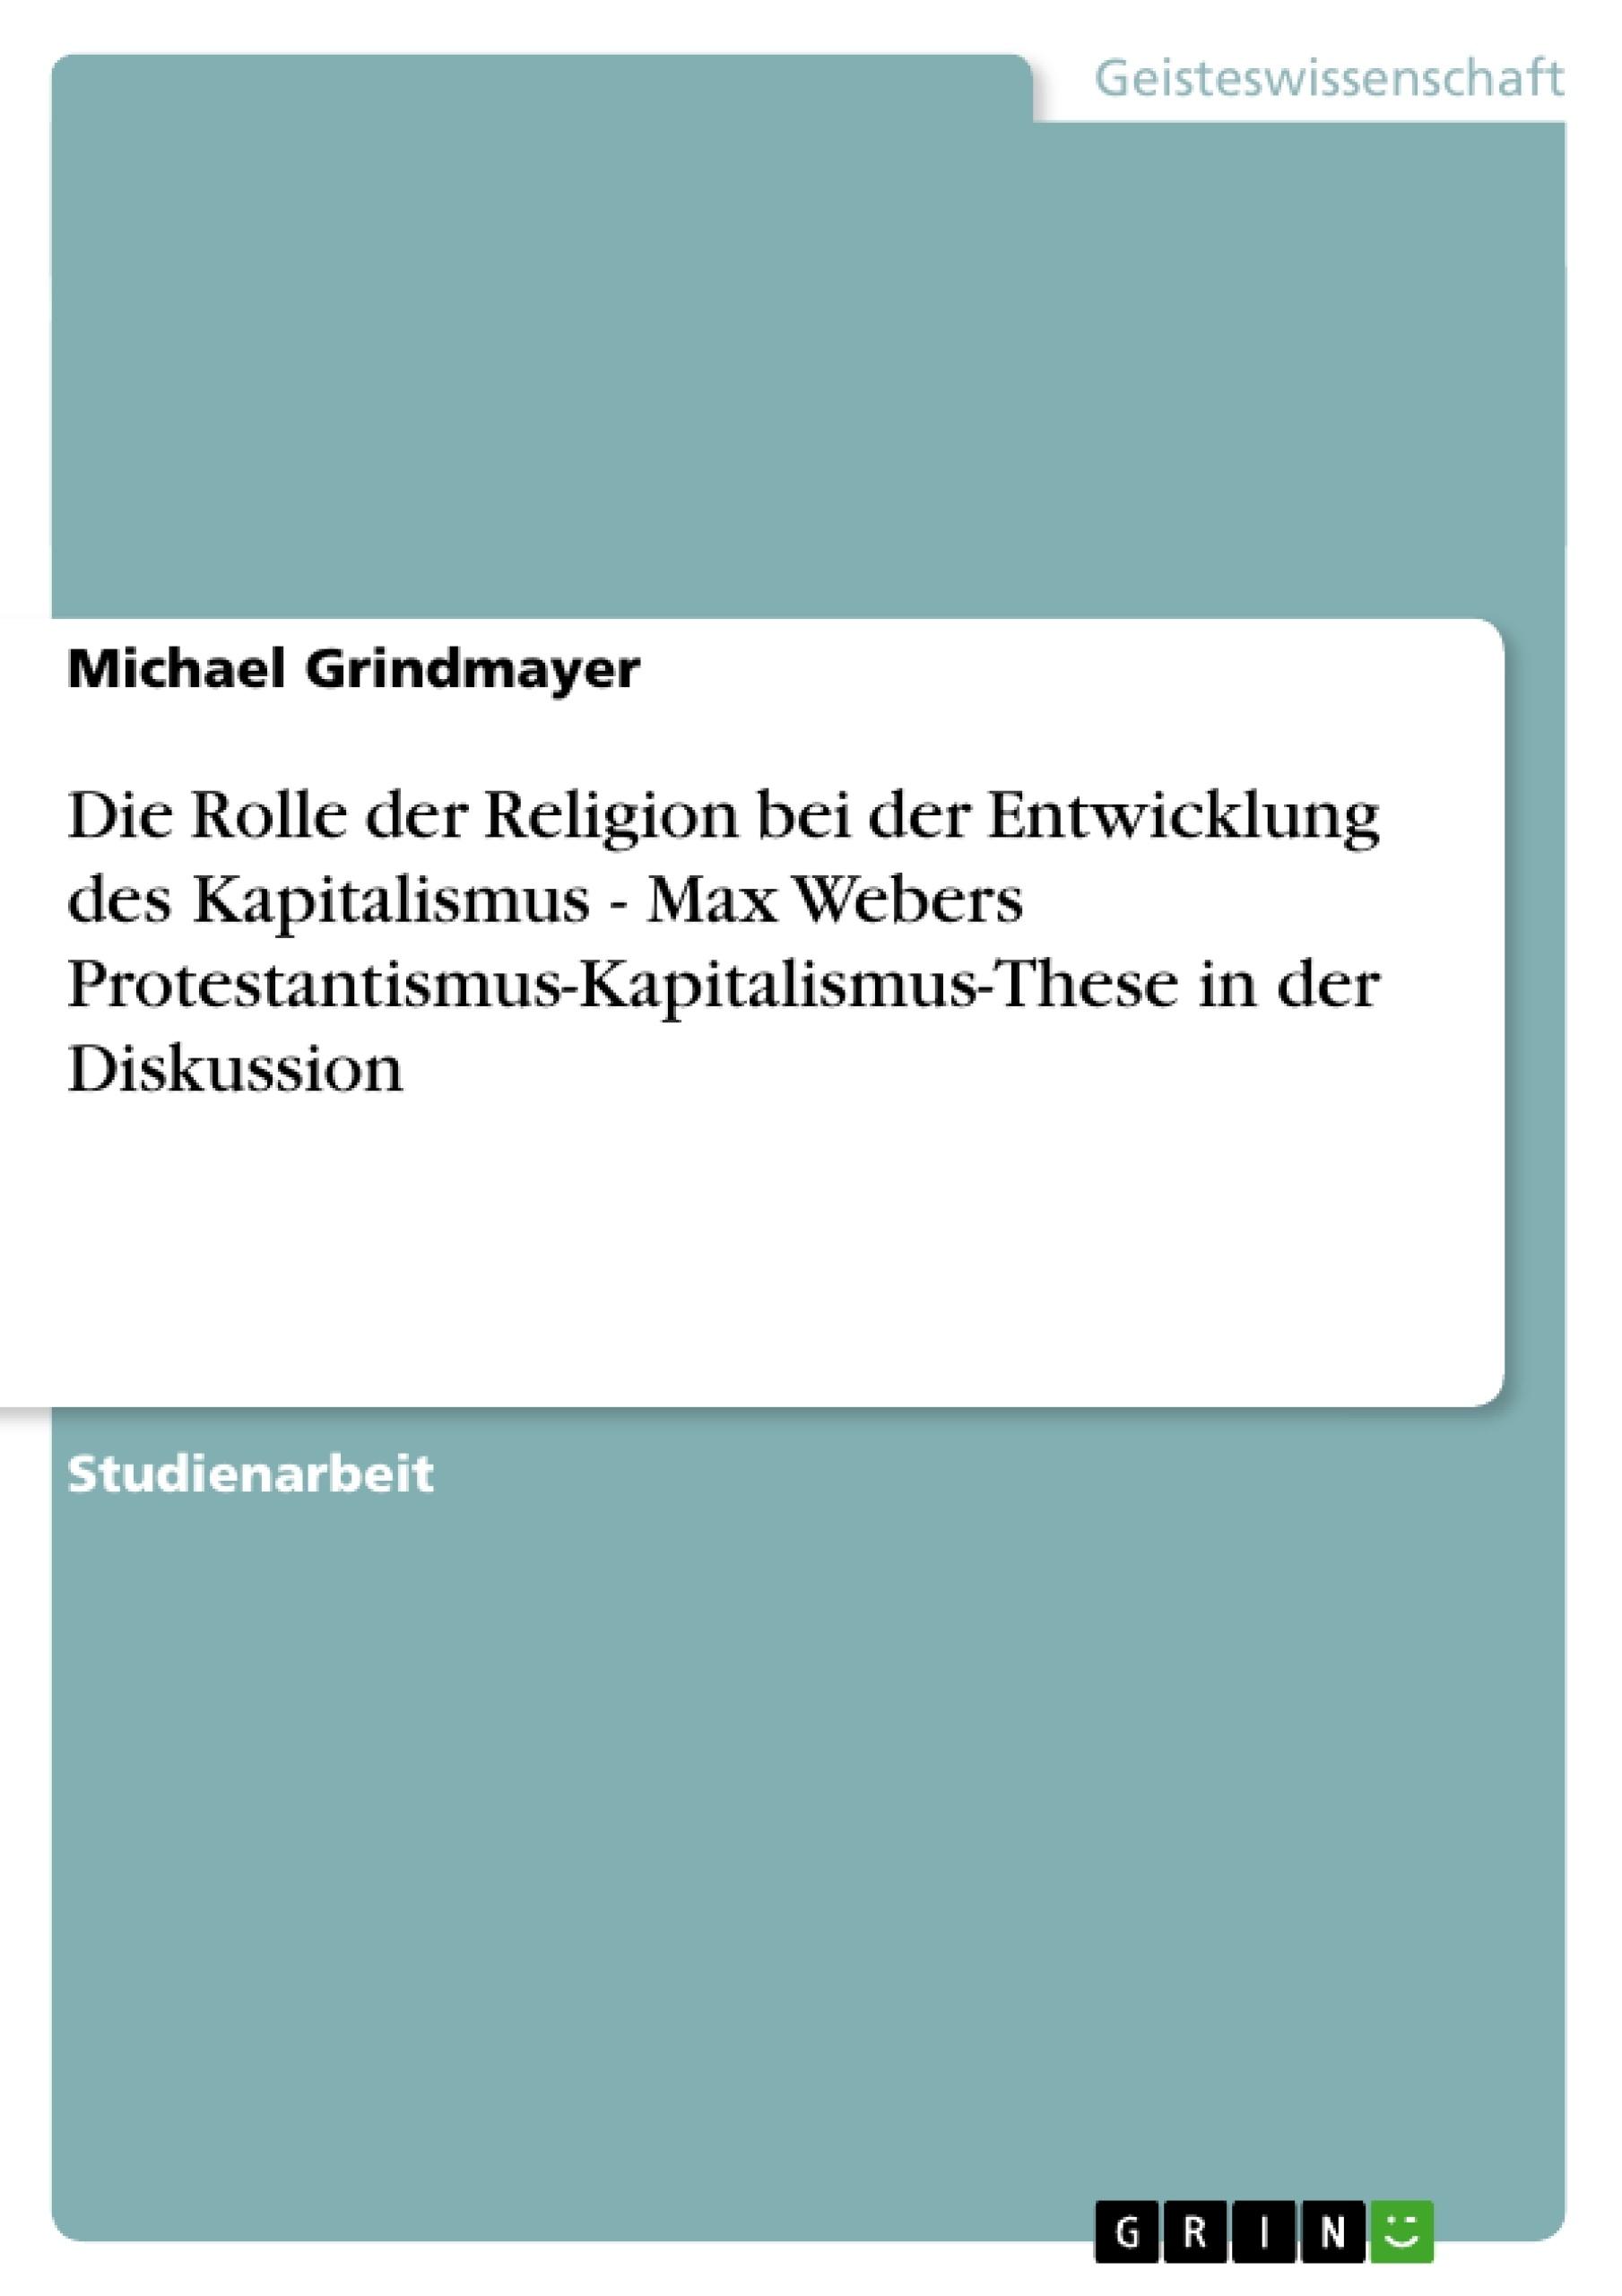 Titel: Die Rolle der Religion bei der Entwicklung des Kapitalismus - Max Webers Protestantismus-Kapitalismus-These in der Diskussion